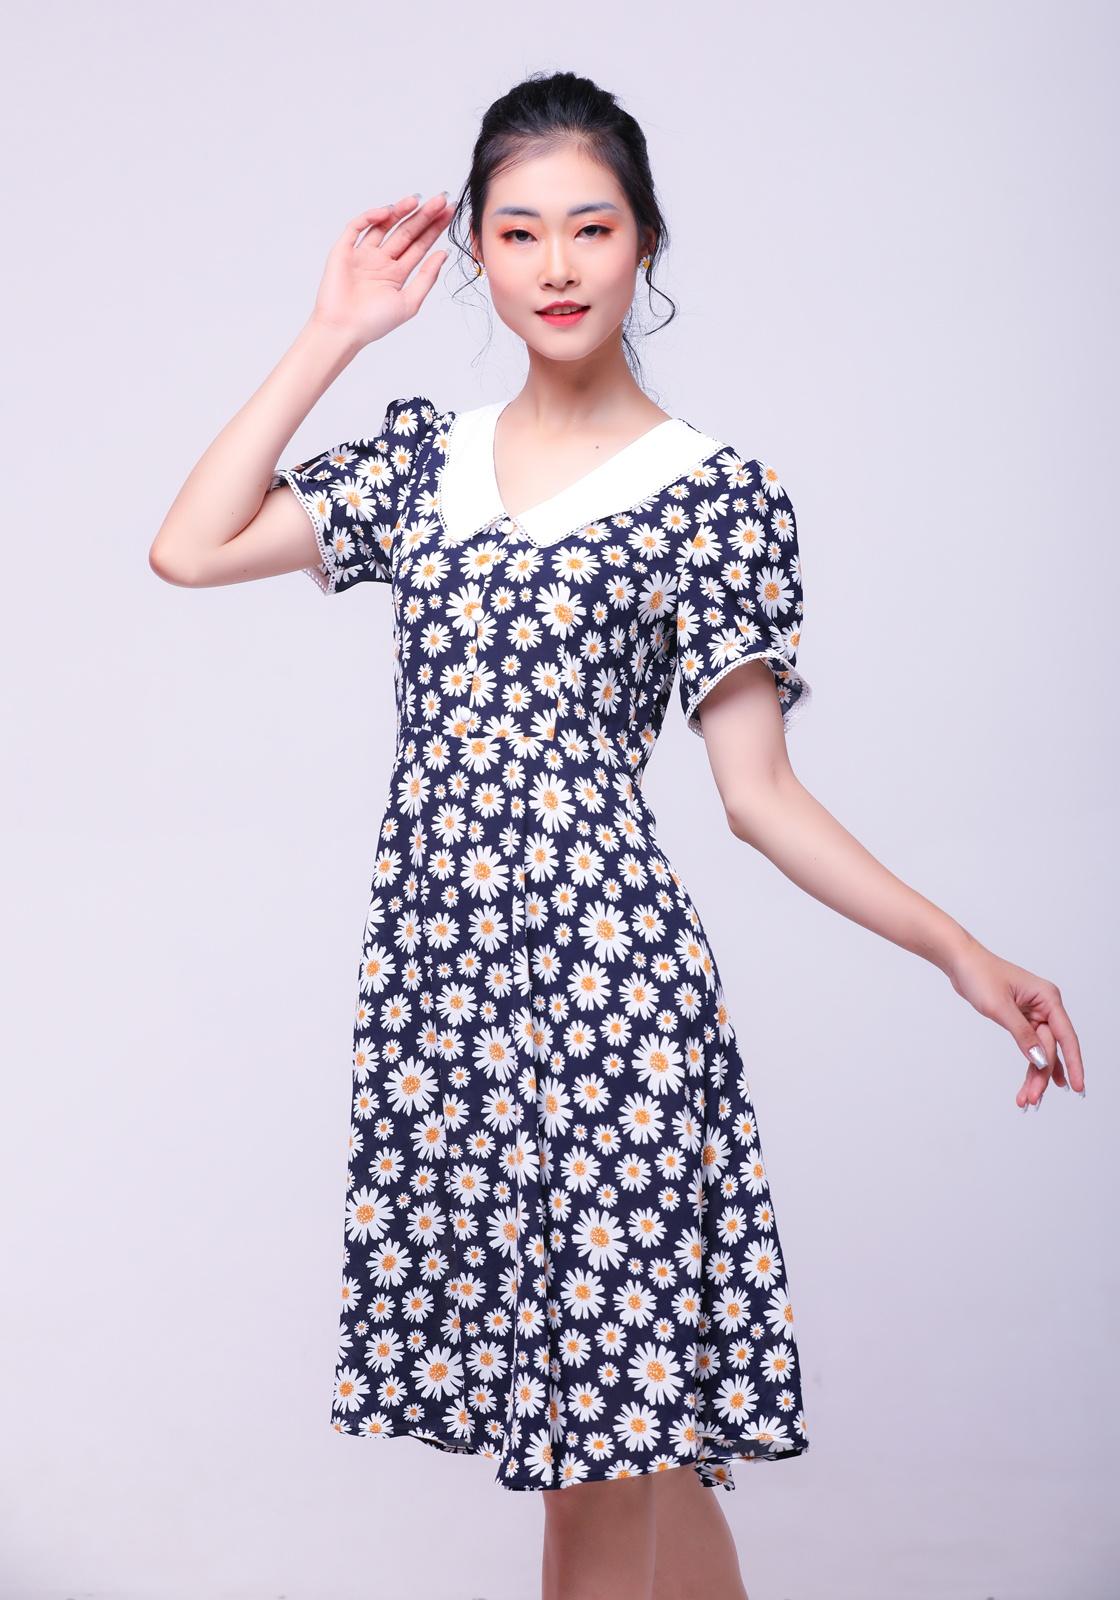 Mê váy hoa cúc hàng hiệu của Rosé thì đây là những mẫu na ná siêu rẻ chỉ từ 65k cho bạn - Ảnh 8.